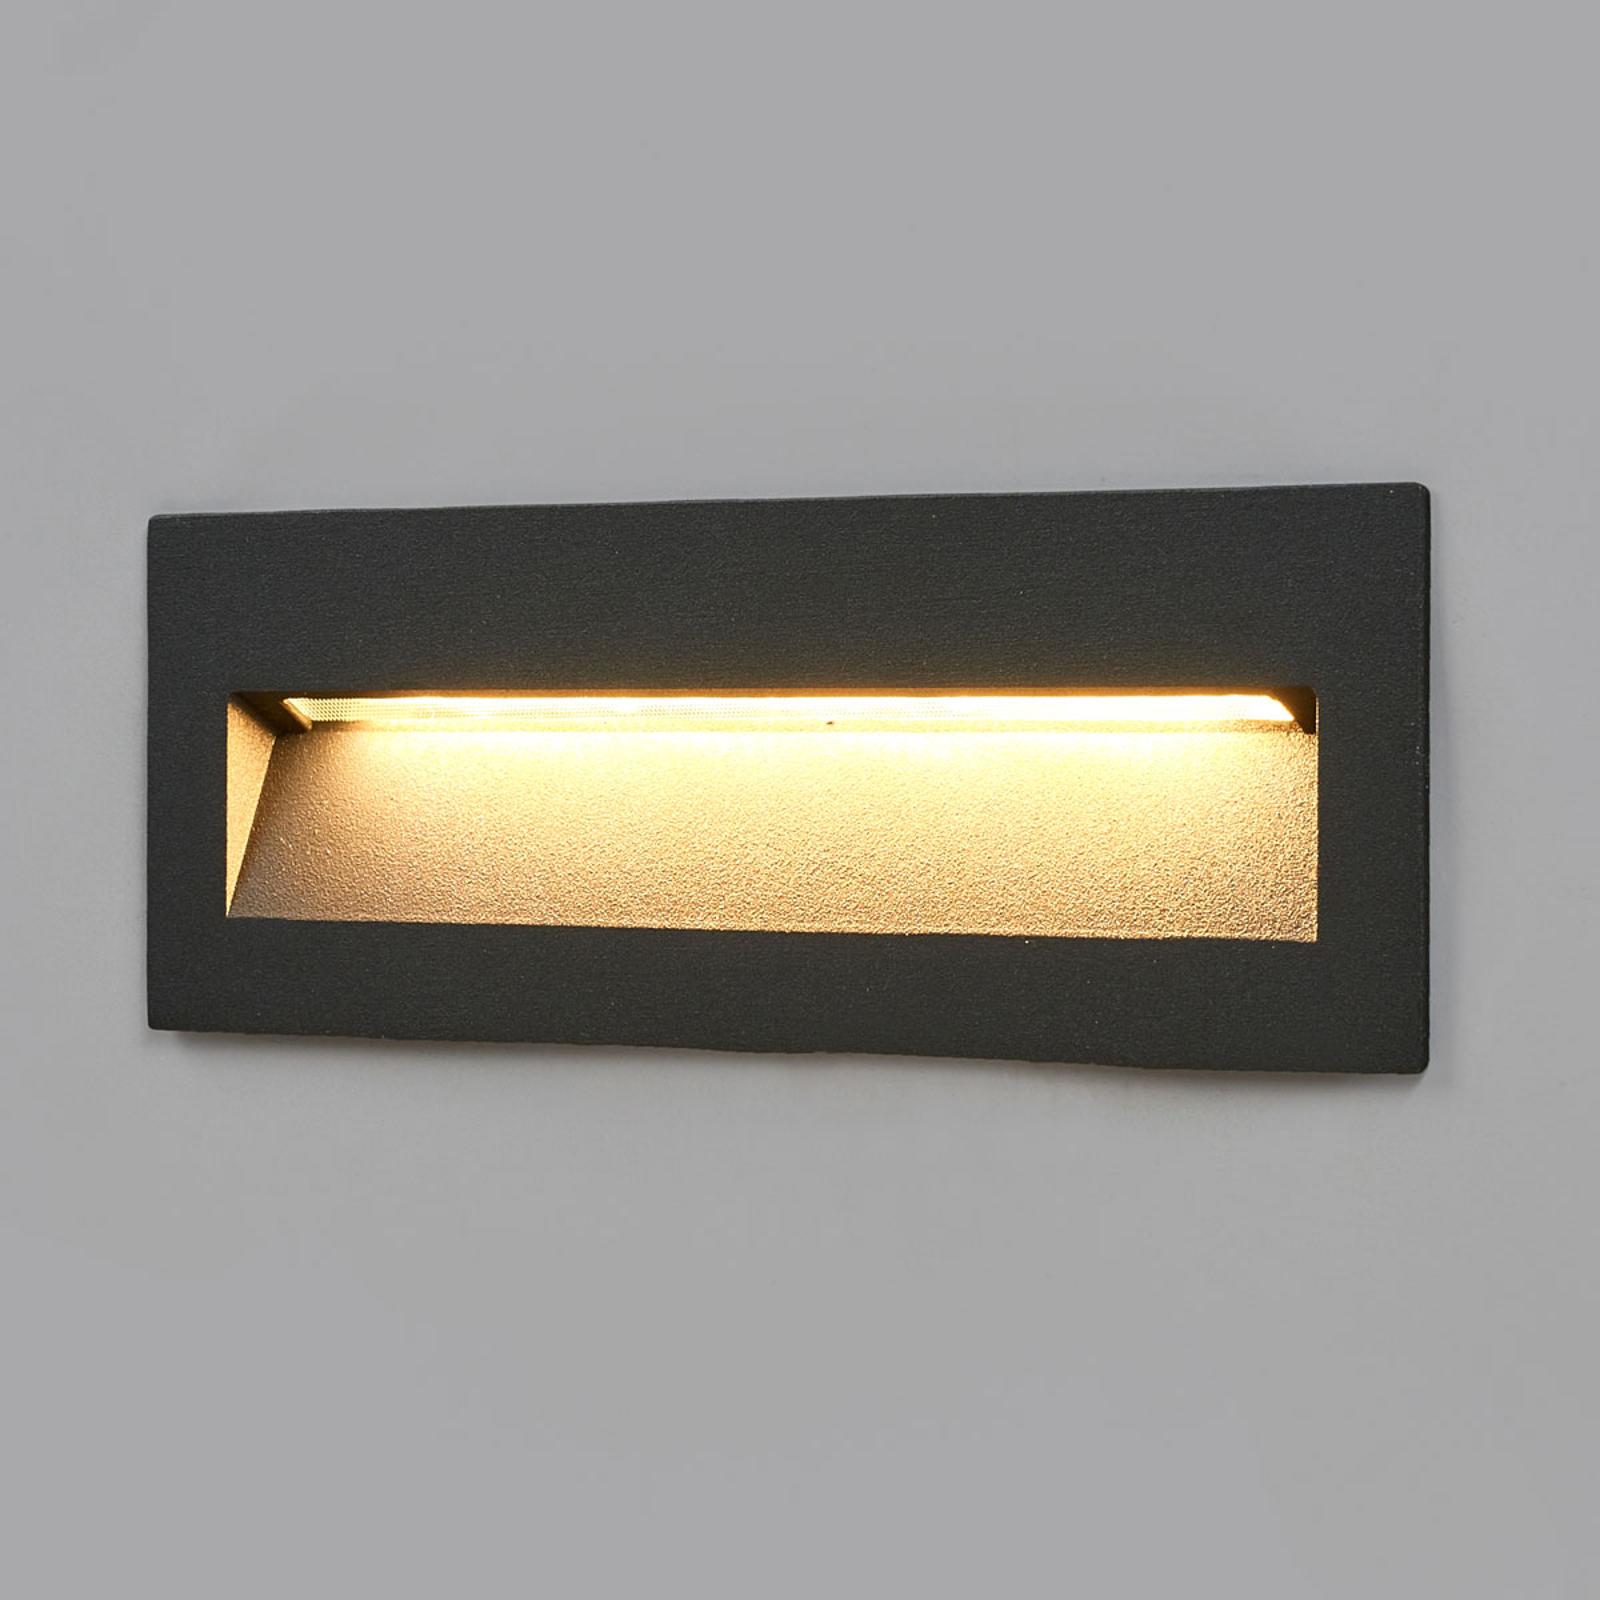 Mørk LED-indbyg.-lampe Loya, vægmontage udendørs